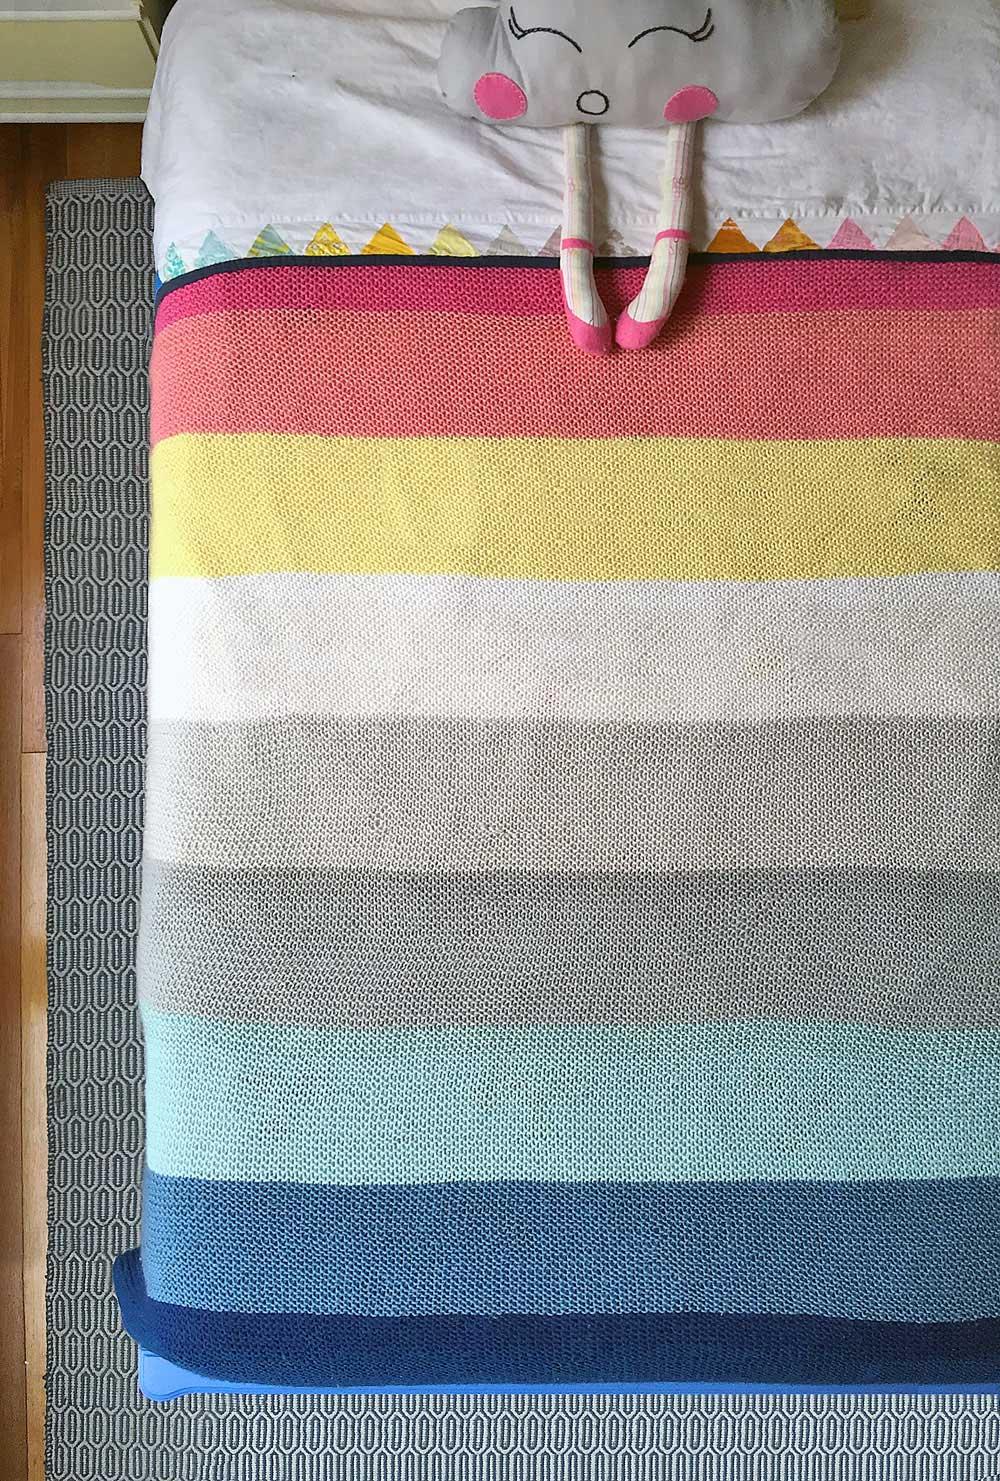 Striped-Knit-Blanket